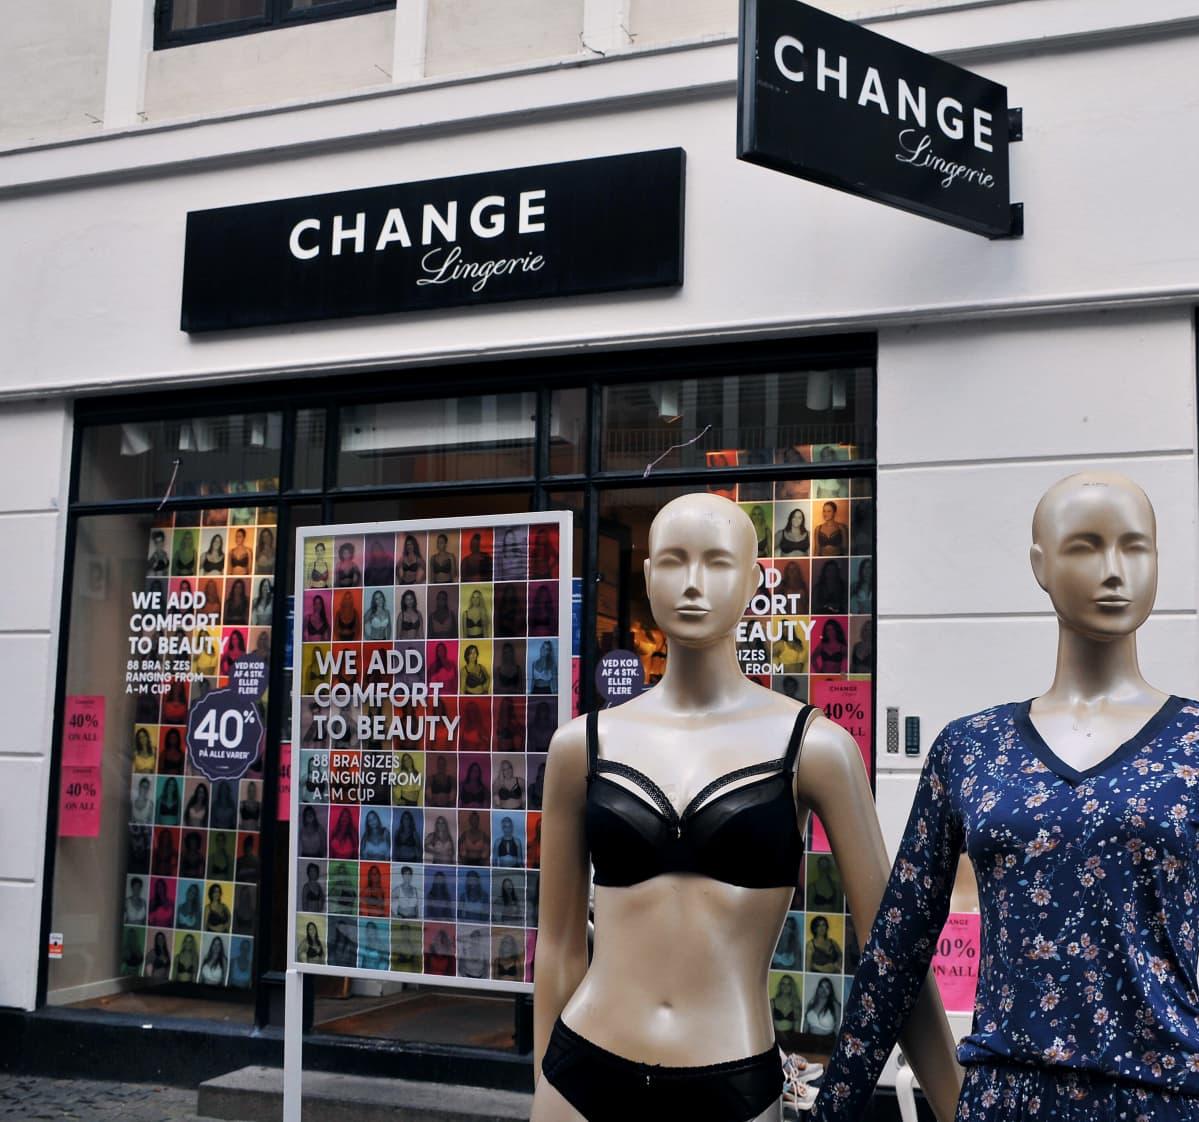 Change Lingerien myymälä Tanskassa.